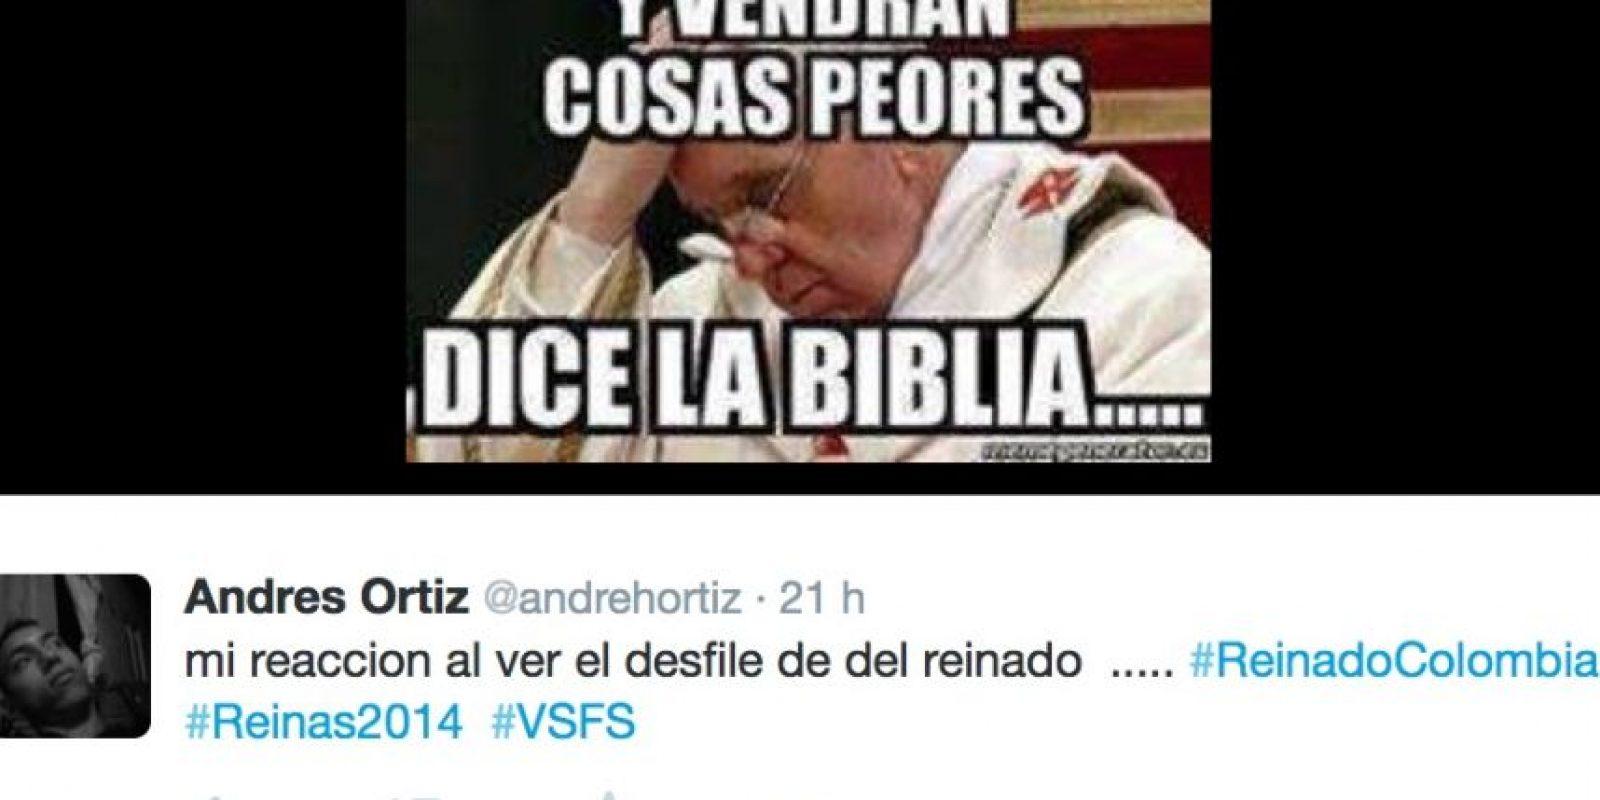 El desfile en traje de baño de las candidatas a Señorita Colombia fue ampliamente criticado en redes sociales Foto:Twitter